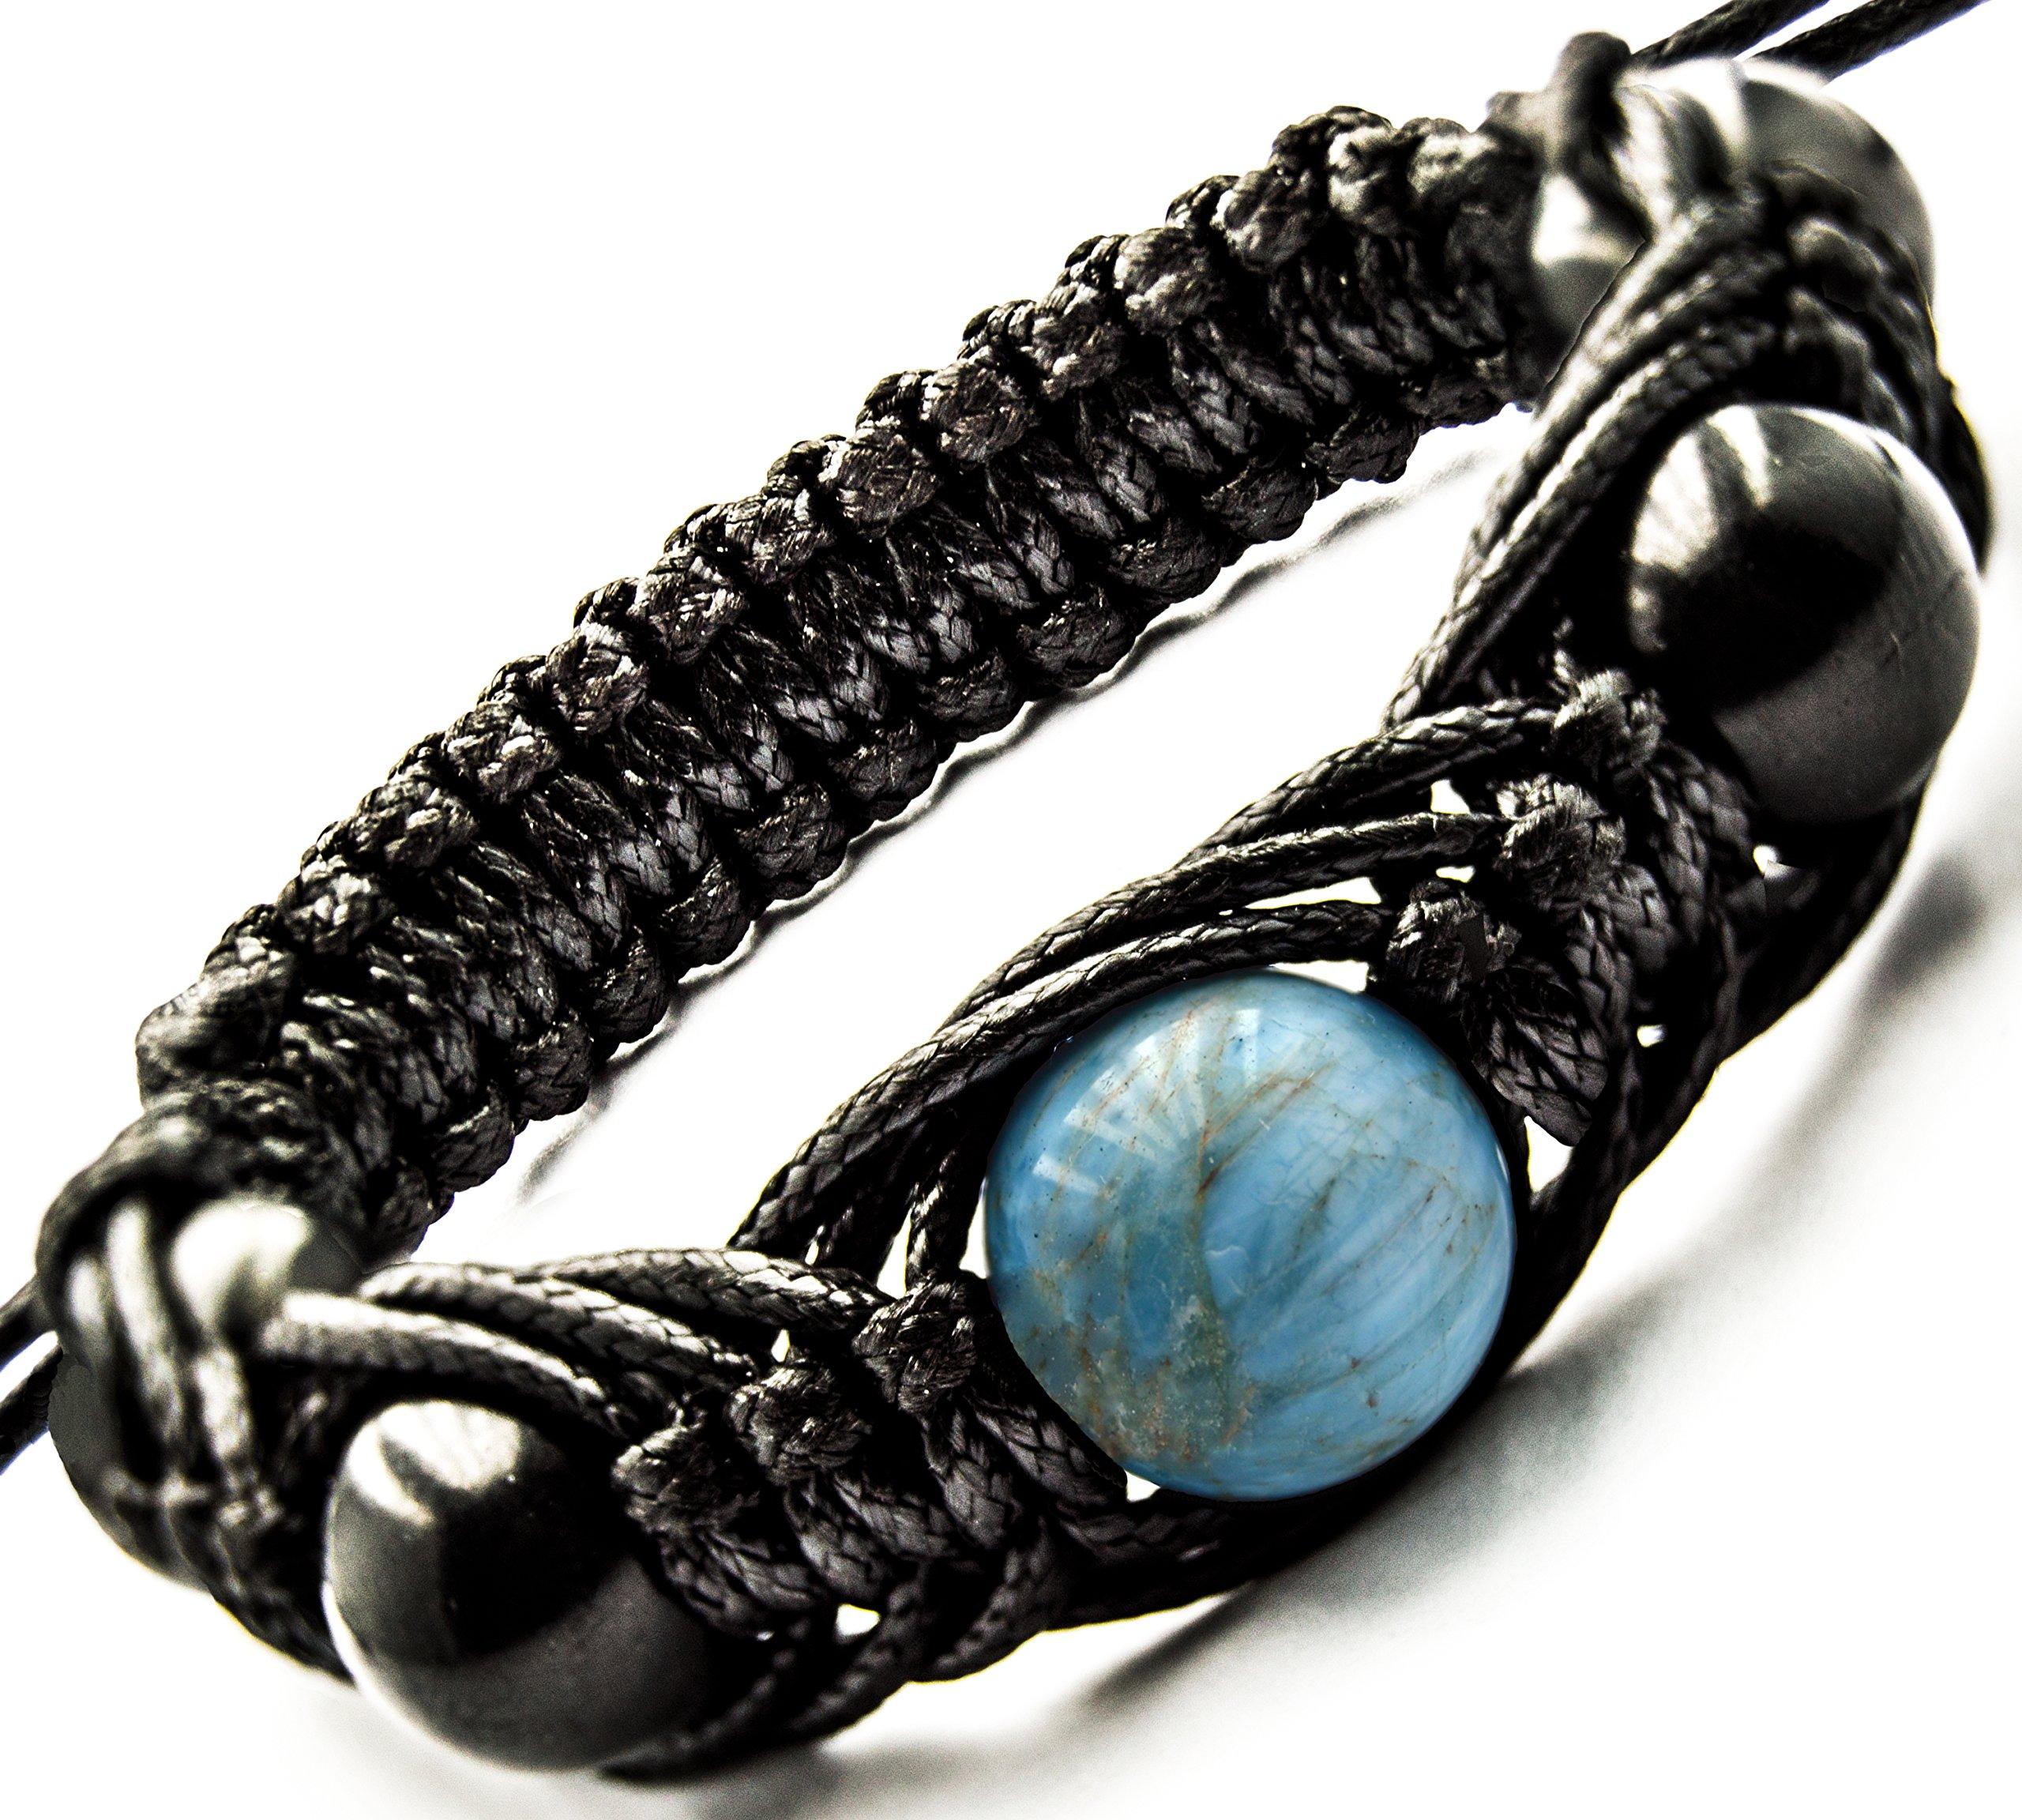 Shamballa Bracelet Shungite with Shungites Beads and Gemstones - Small Wrist Sizes (Apatite)